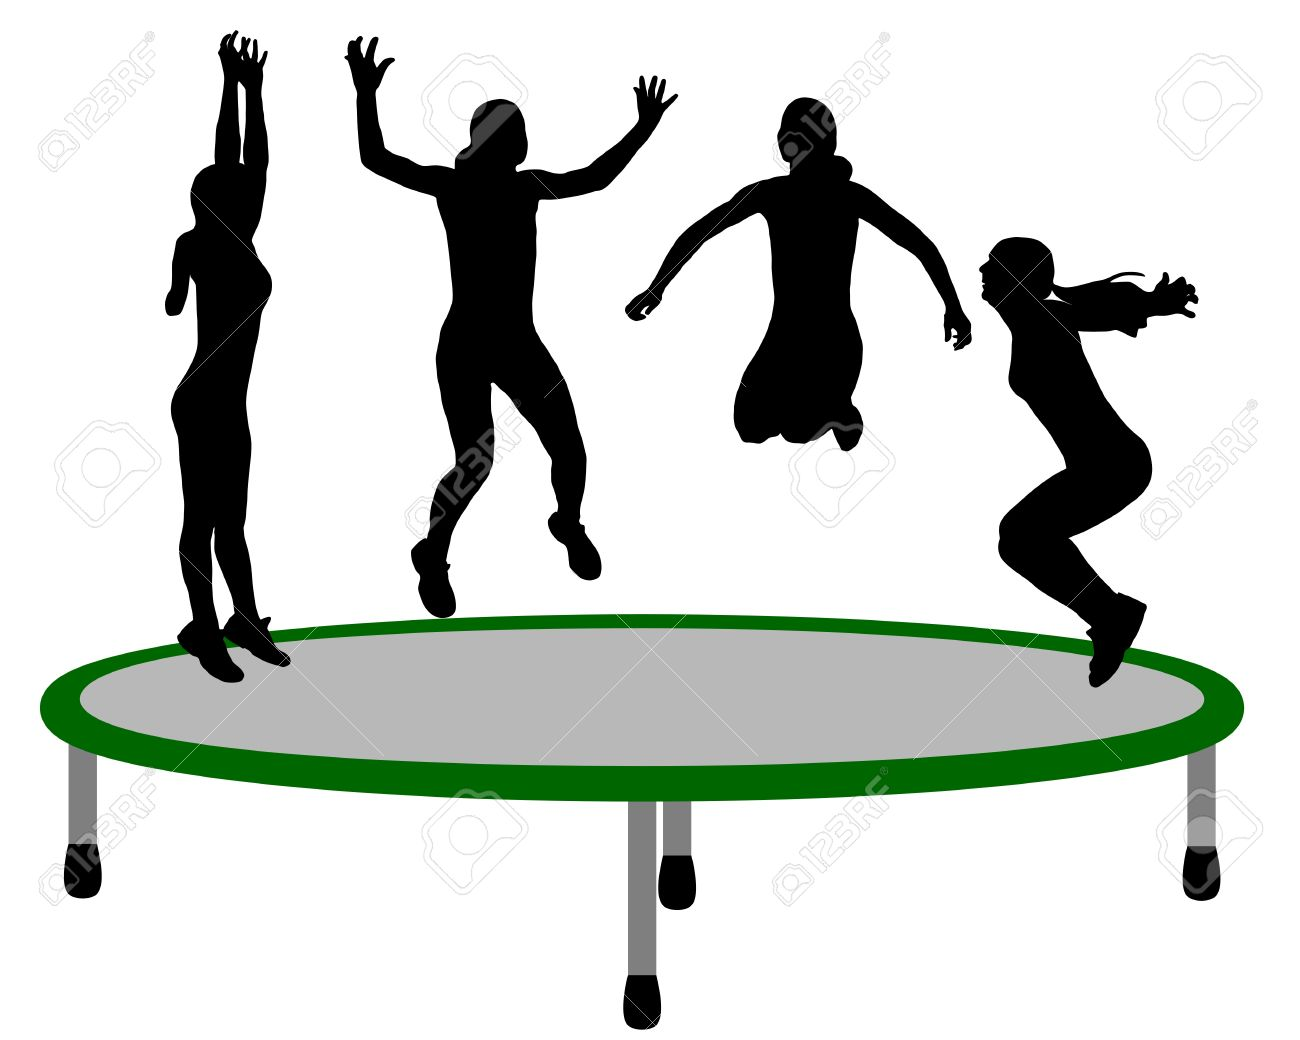 Woman trampoline - 10120783